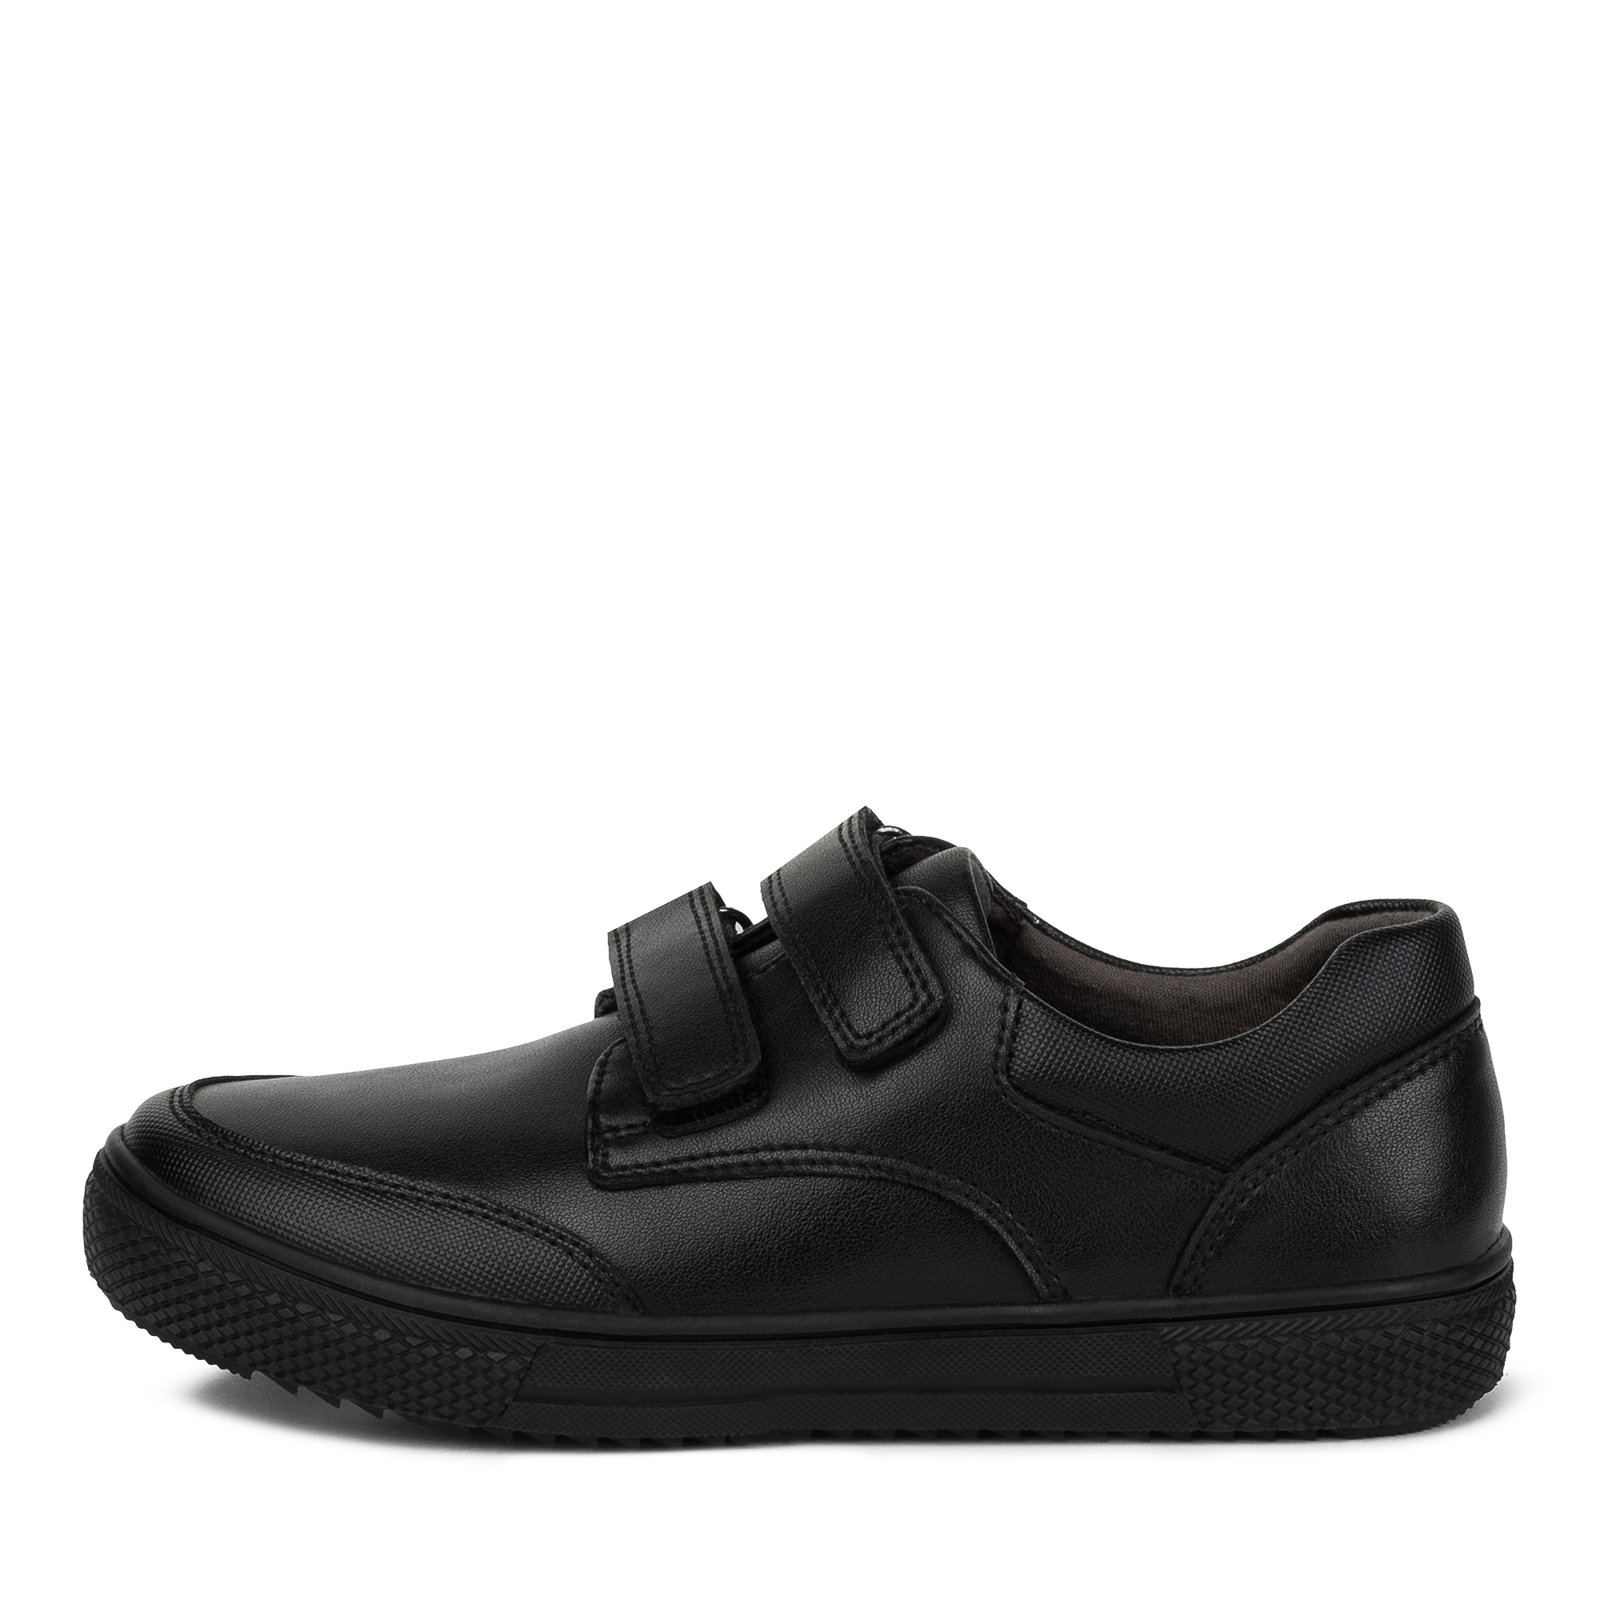 Обувь для мальчиков MUNZ YOUNG 098-545A-2602